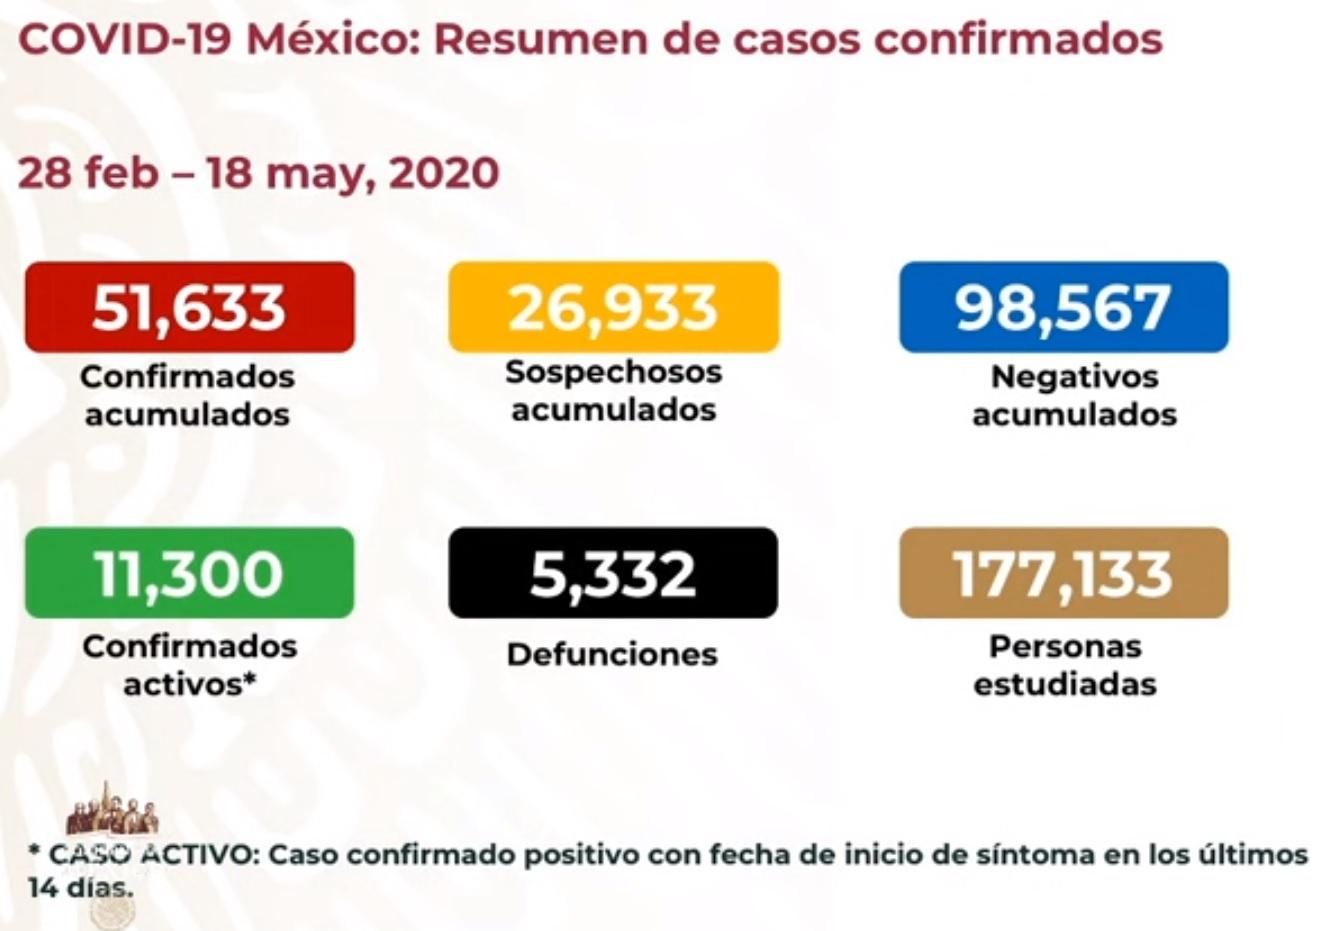 México superó los 50 mil casos confirmados de COVID19